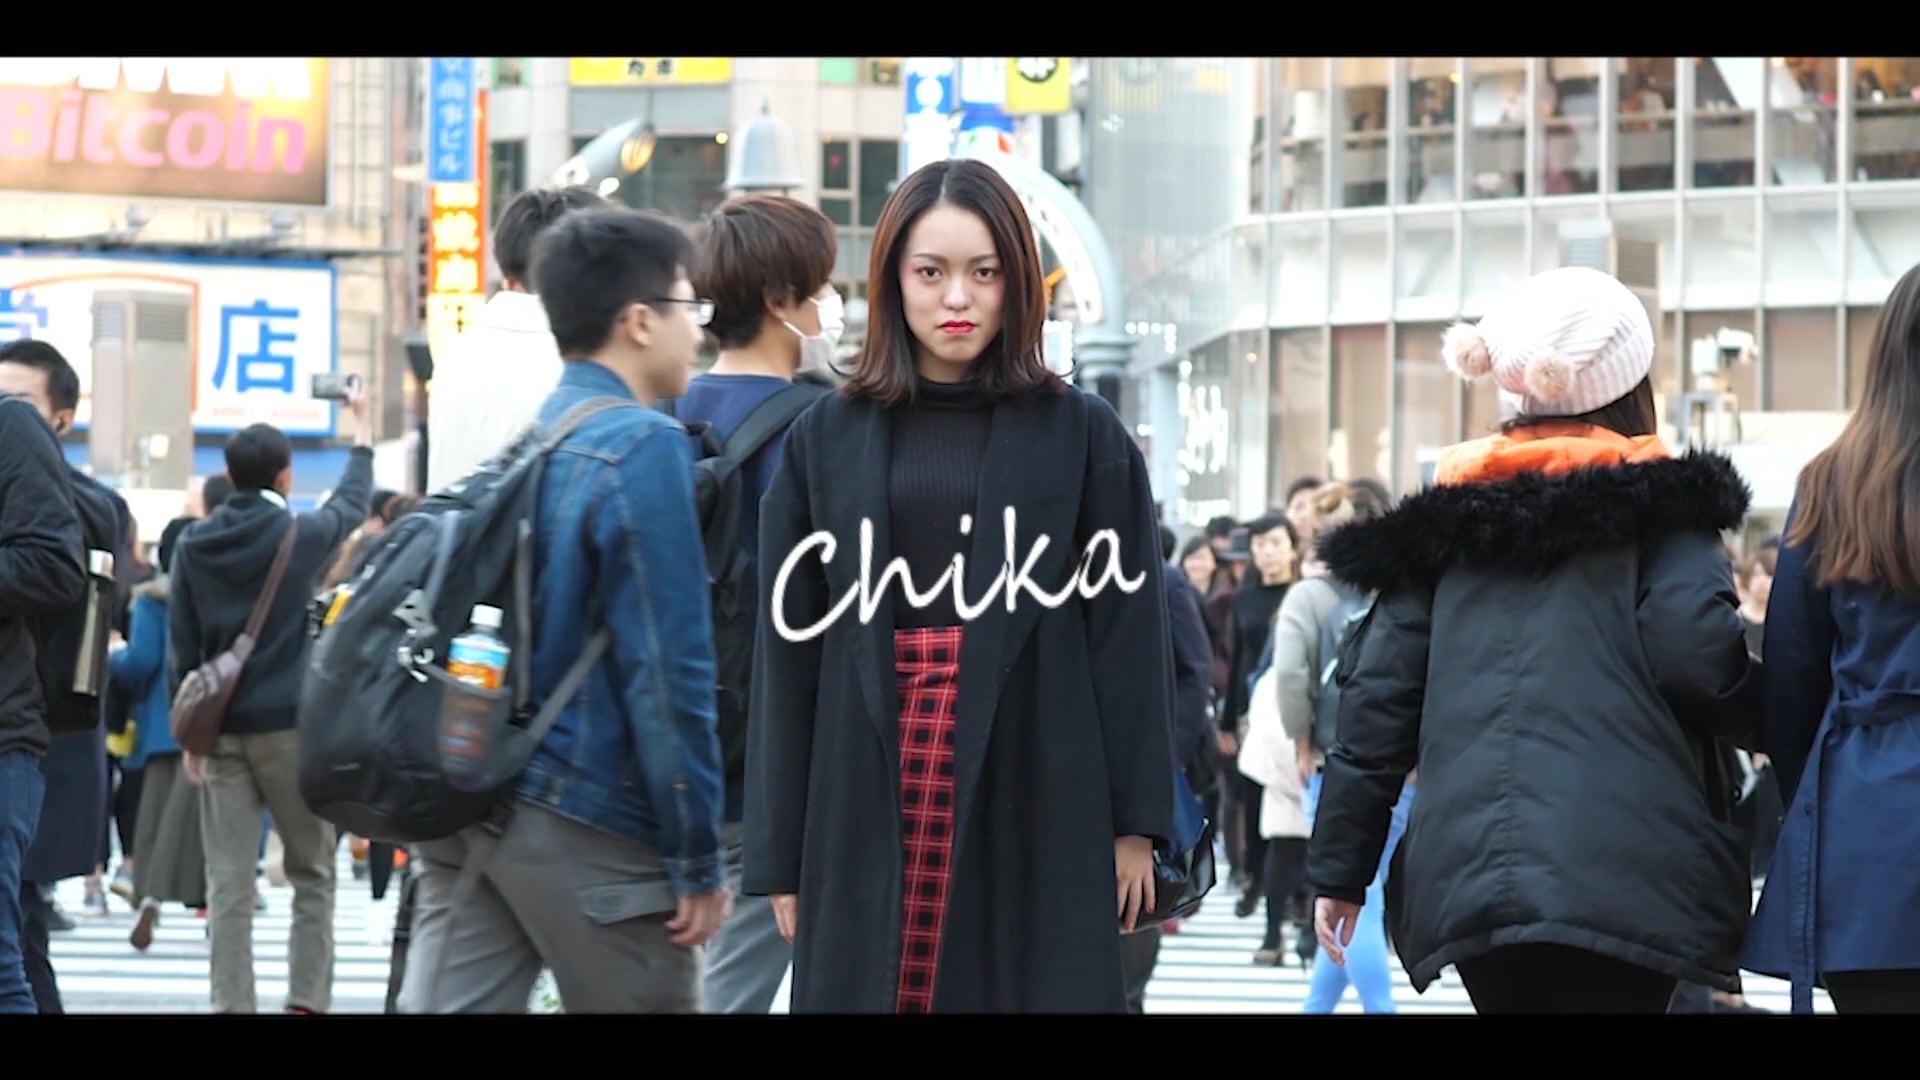 1minute story Chika vimeo